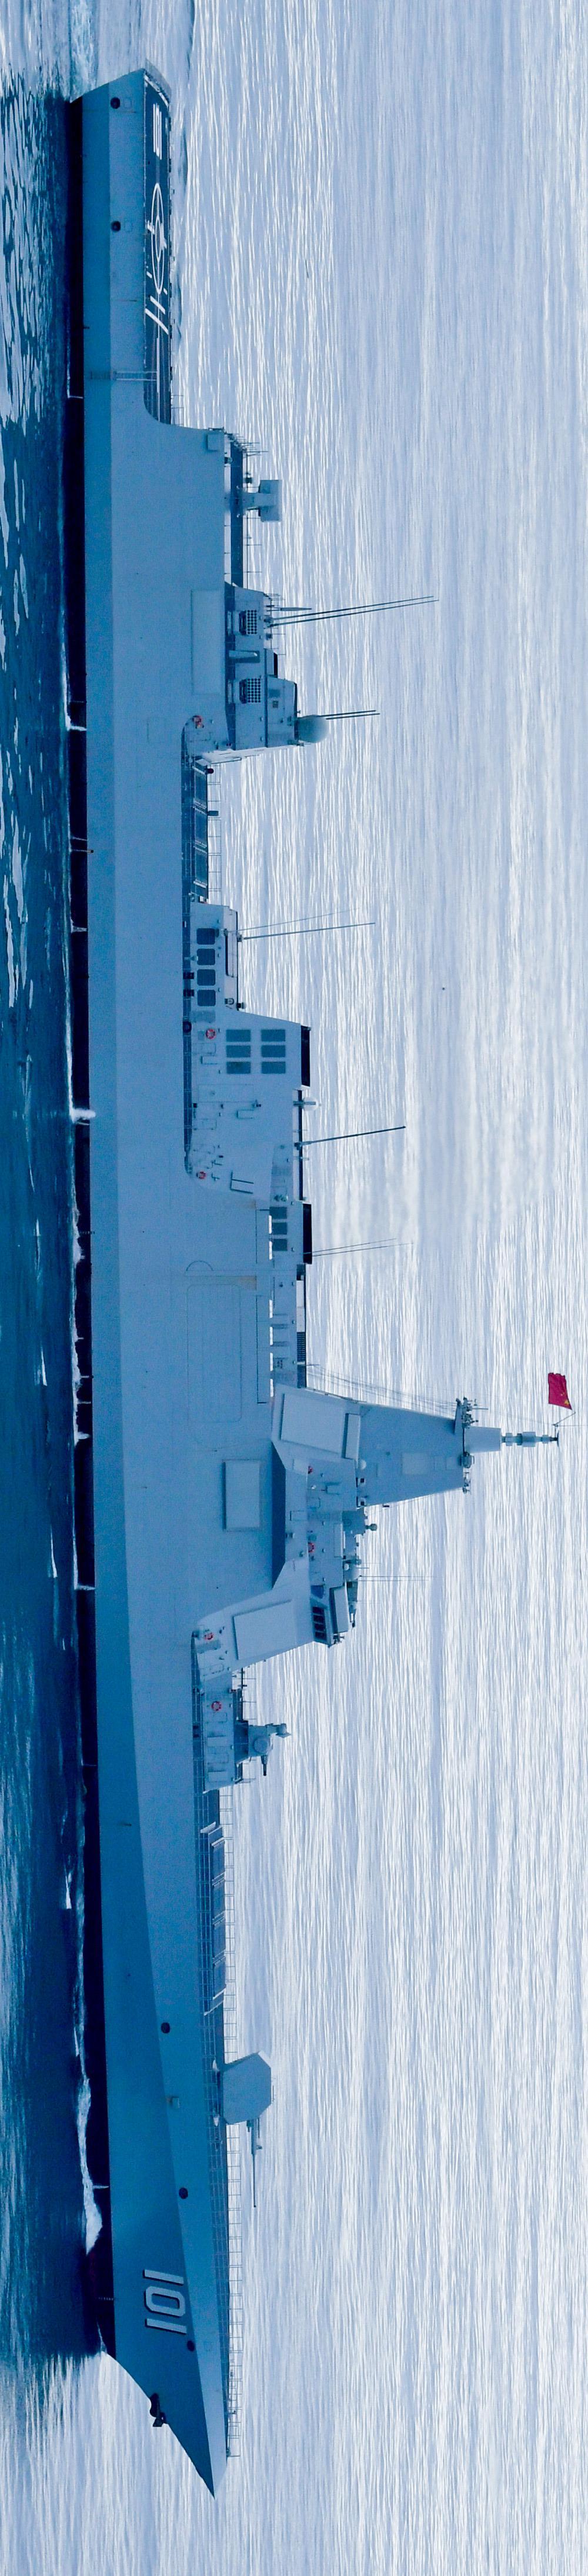 055这线条,真是巡洋舰的范儿\n\n\n@图片来源:军网英文(摄影,Zou Xiangmin)